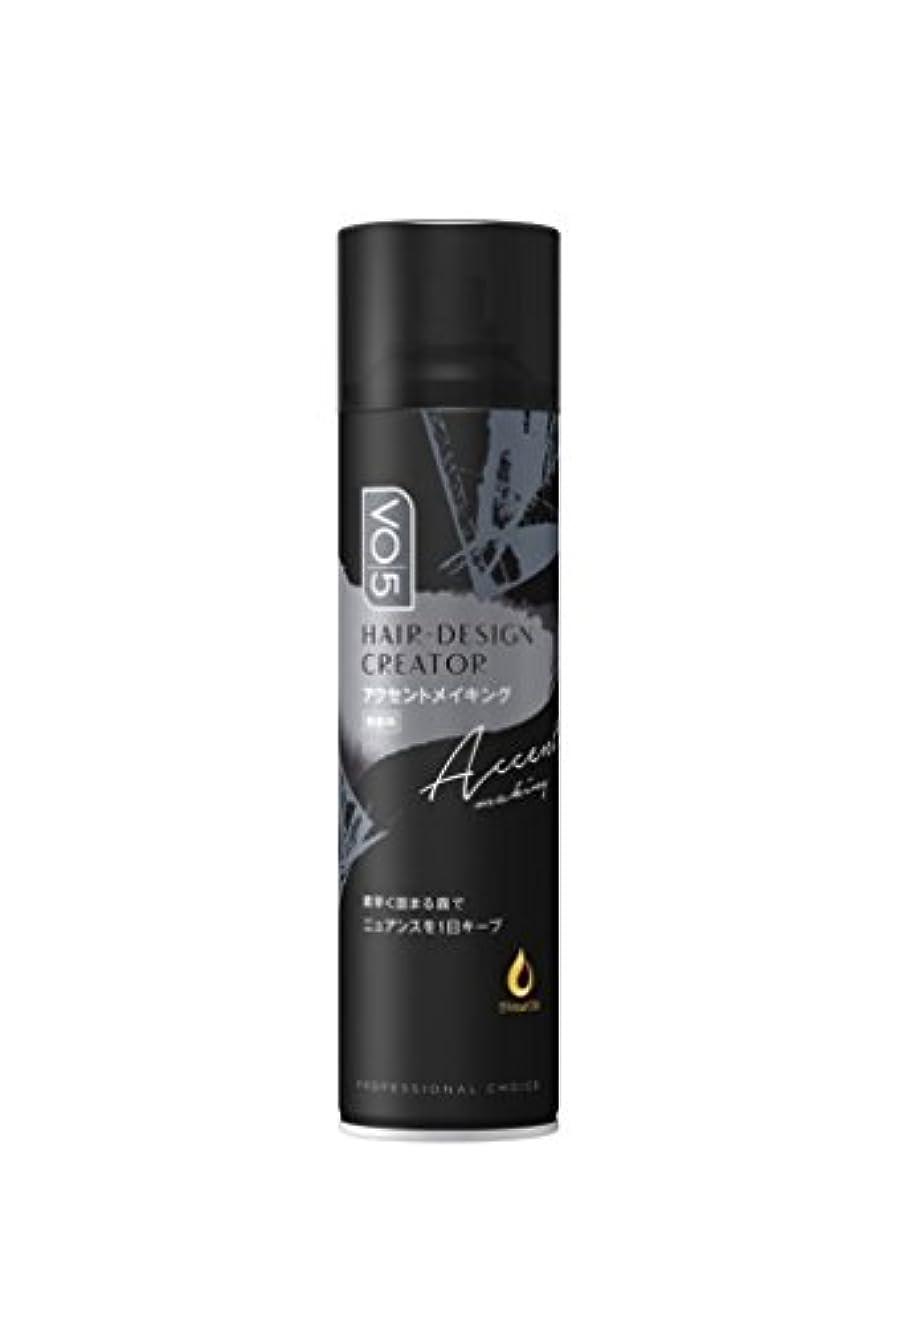 落ち込んでいる青写真スクレーパーVO5ヘアデザインクリエイター[アクセントメイキング]無香料160g